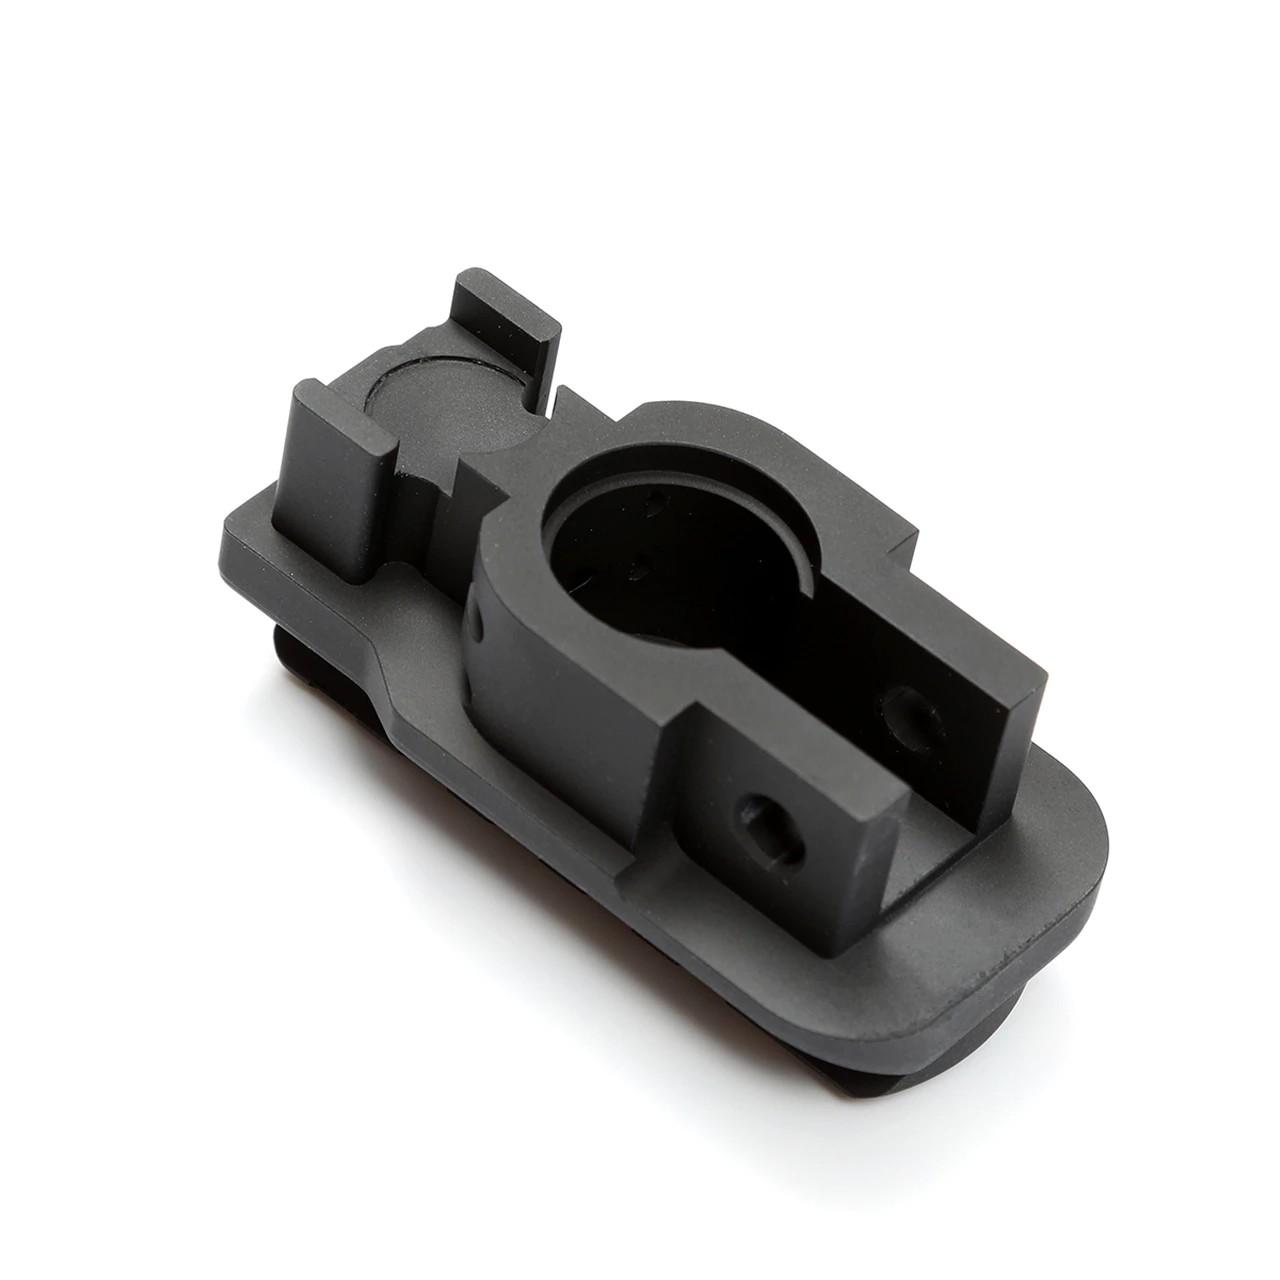 dan haga designs b t apc 1913 endcap bruger thomet apc 9mm sig stock